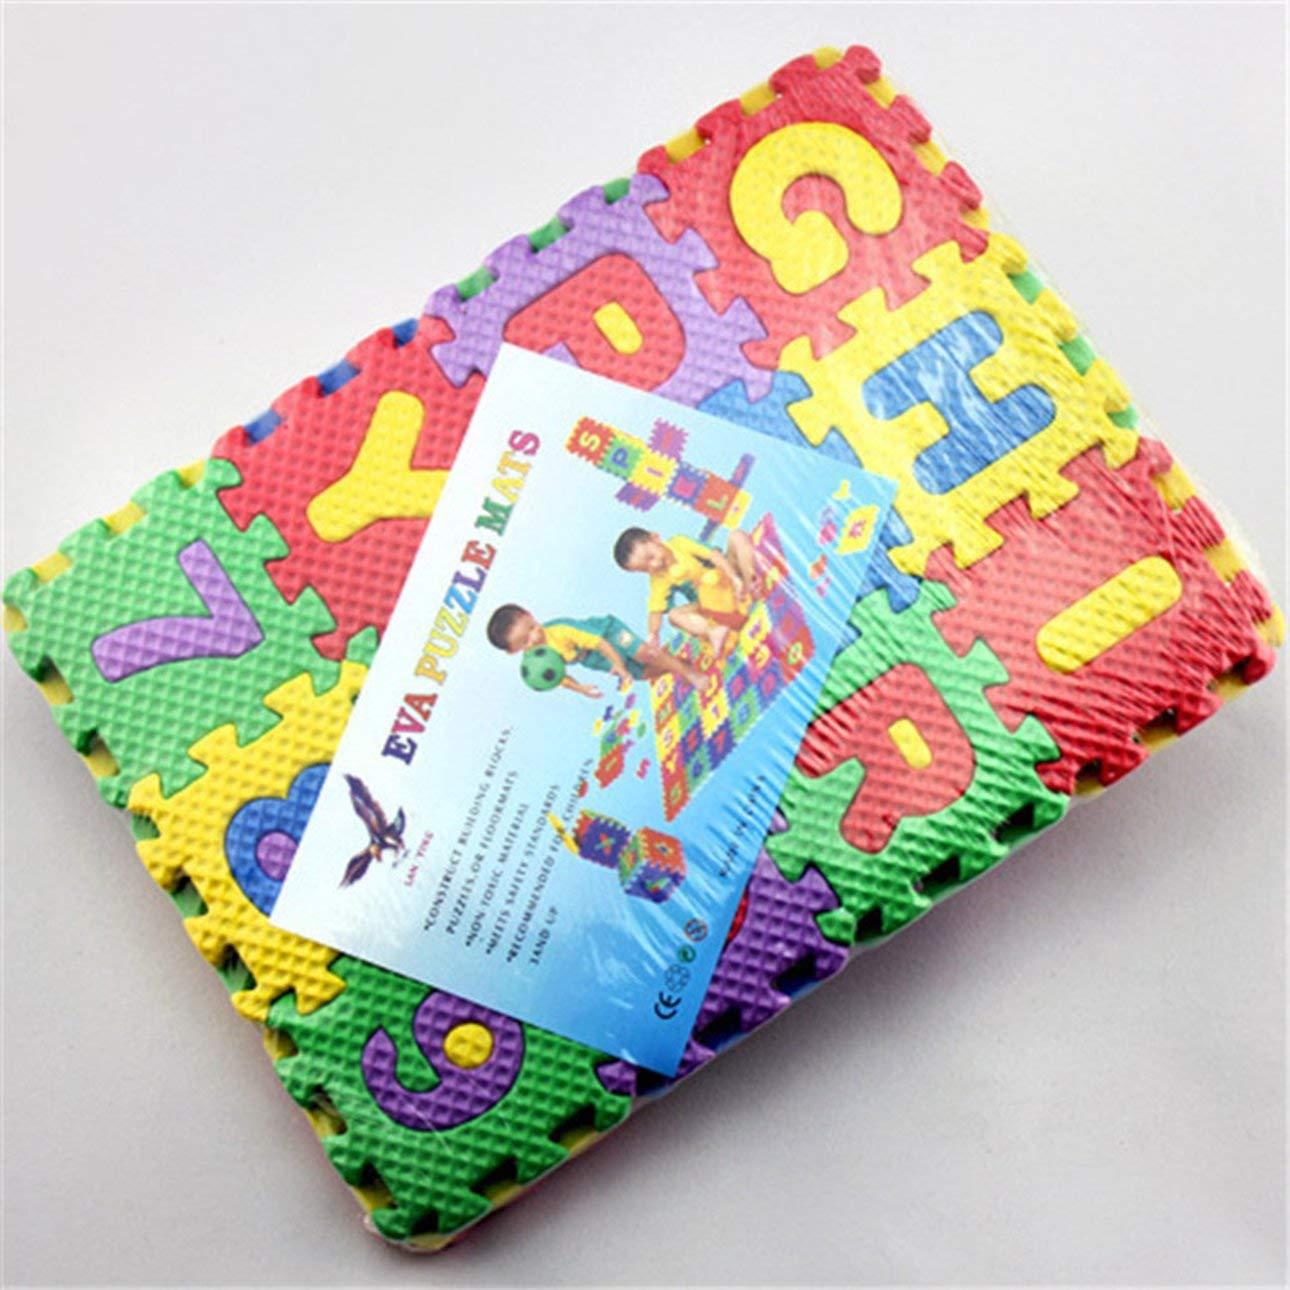 Ballylelly Puzzle in Schiuma Eva per Bambini Tappetino da Gioco per Bambini Tappeti Tappeto ad Incastro Piano per Esercizi Pavimento per Bambini Puzzle Tappeto Piastrelle